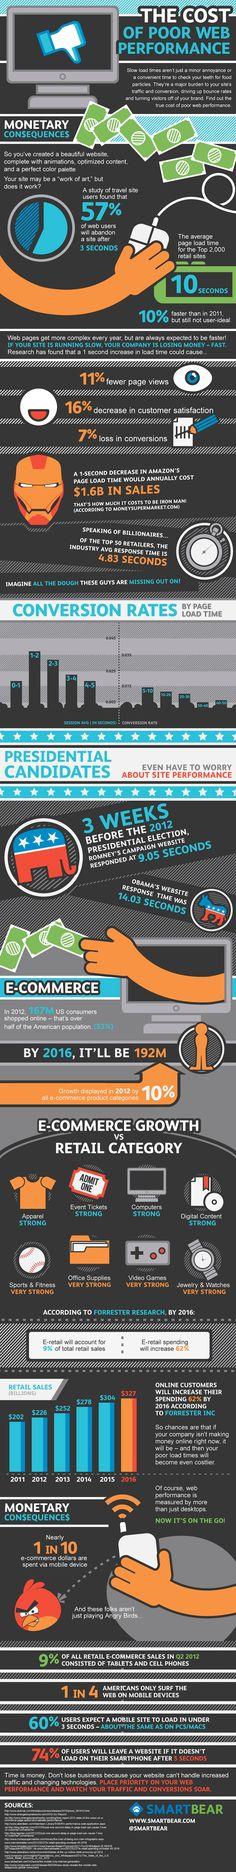 #Slow #Websites #Cost Retailers Billions